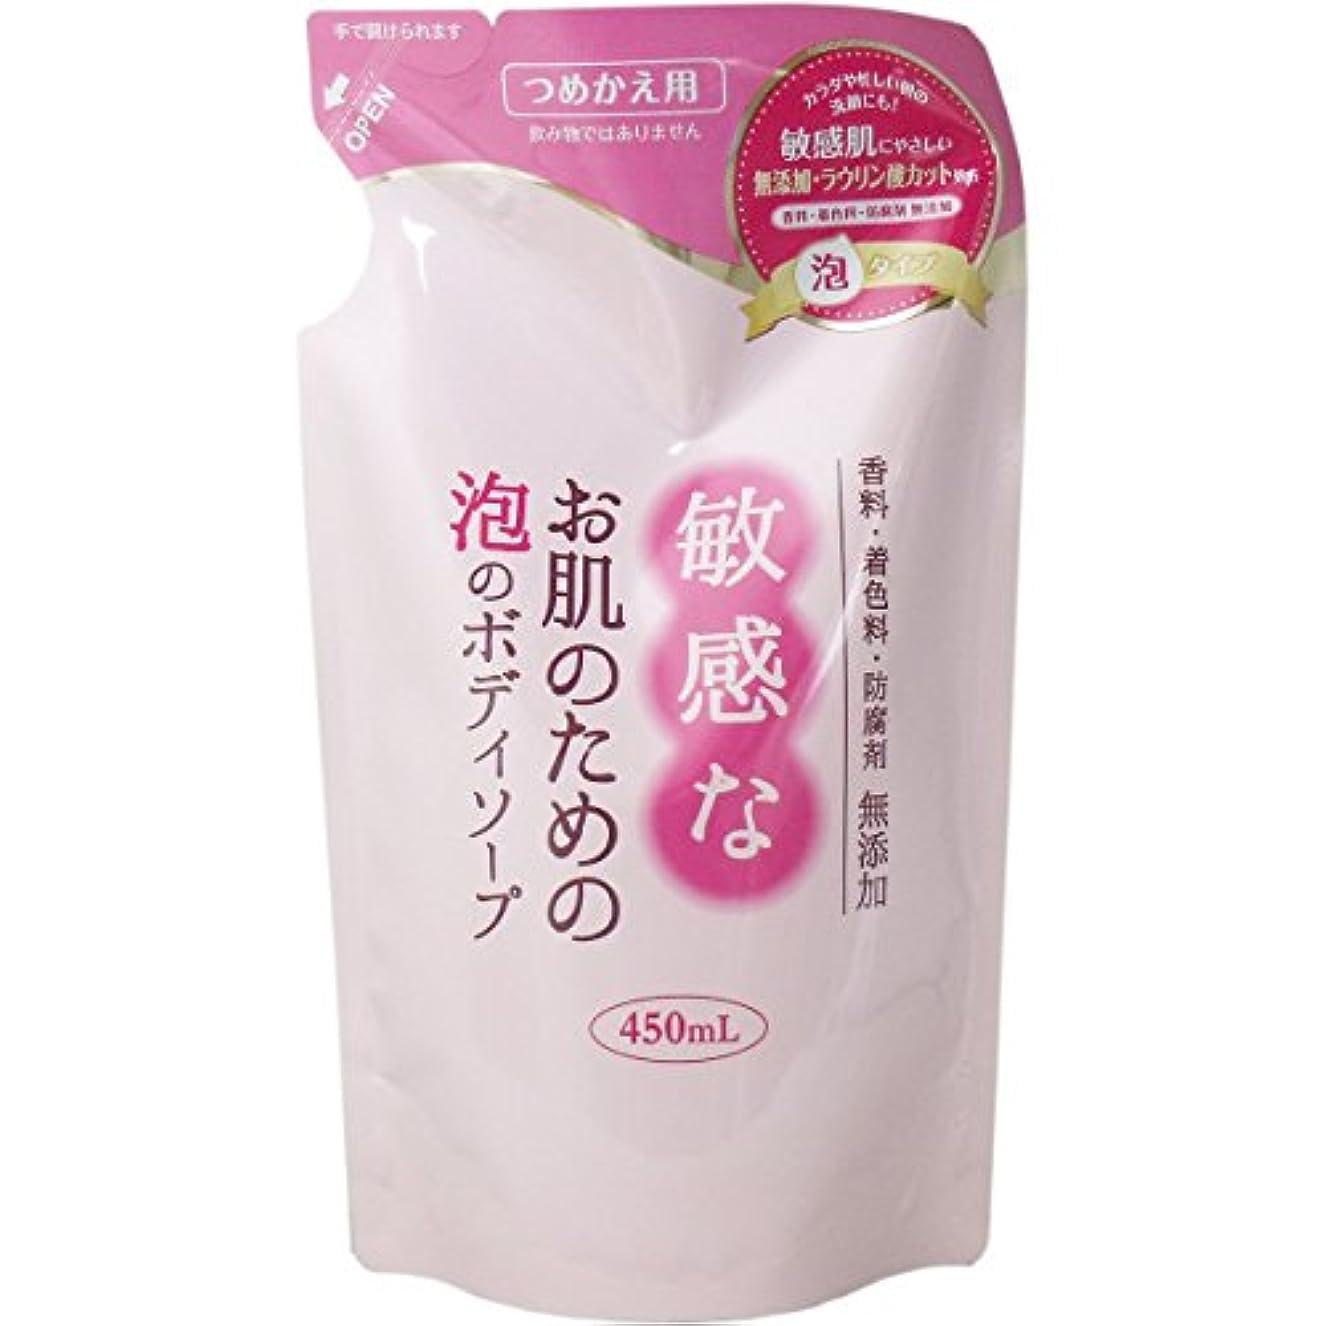 論争的副産物ファイアル敏感なお肌のための泡のボディソープ 詰替 450mL CBH-FBR